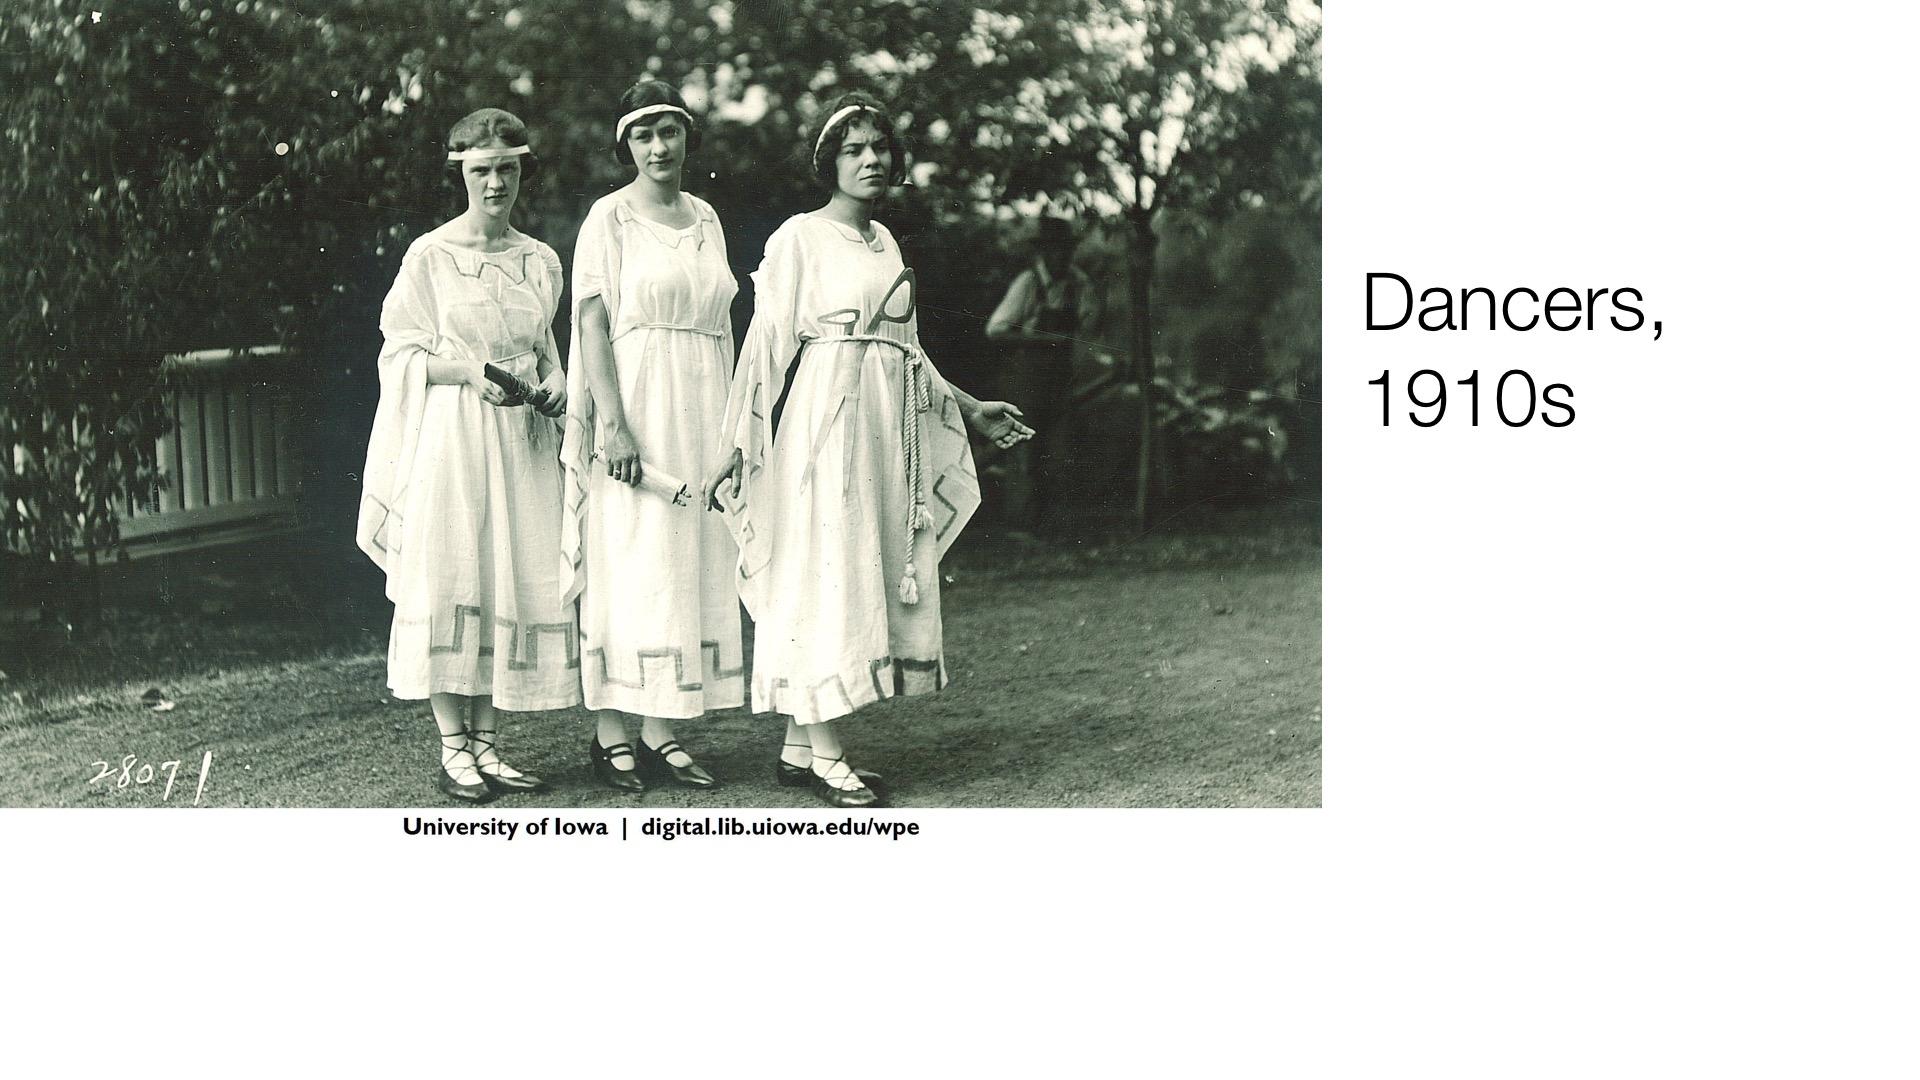 dancers, 1910s